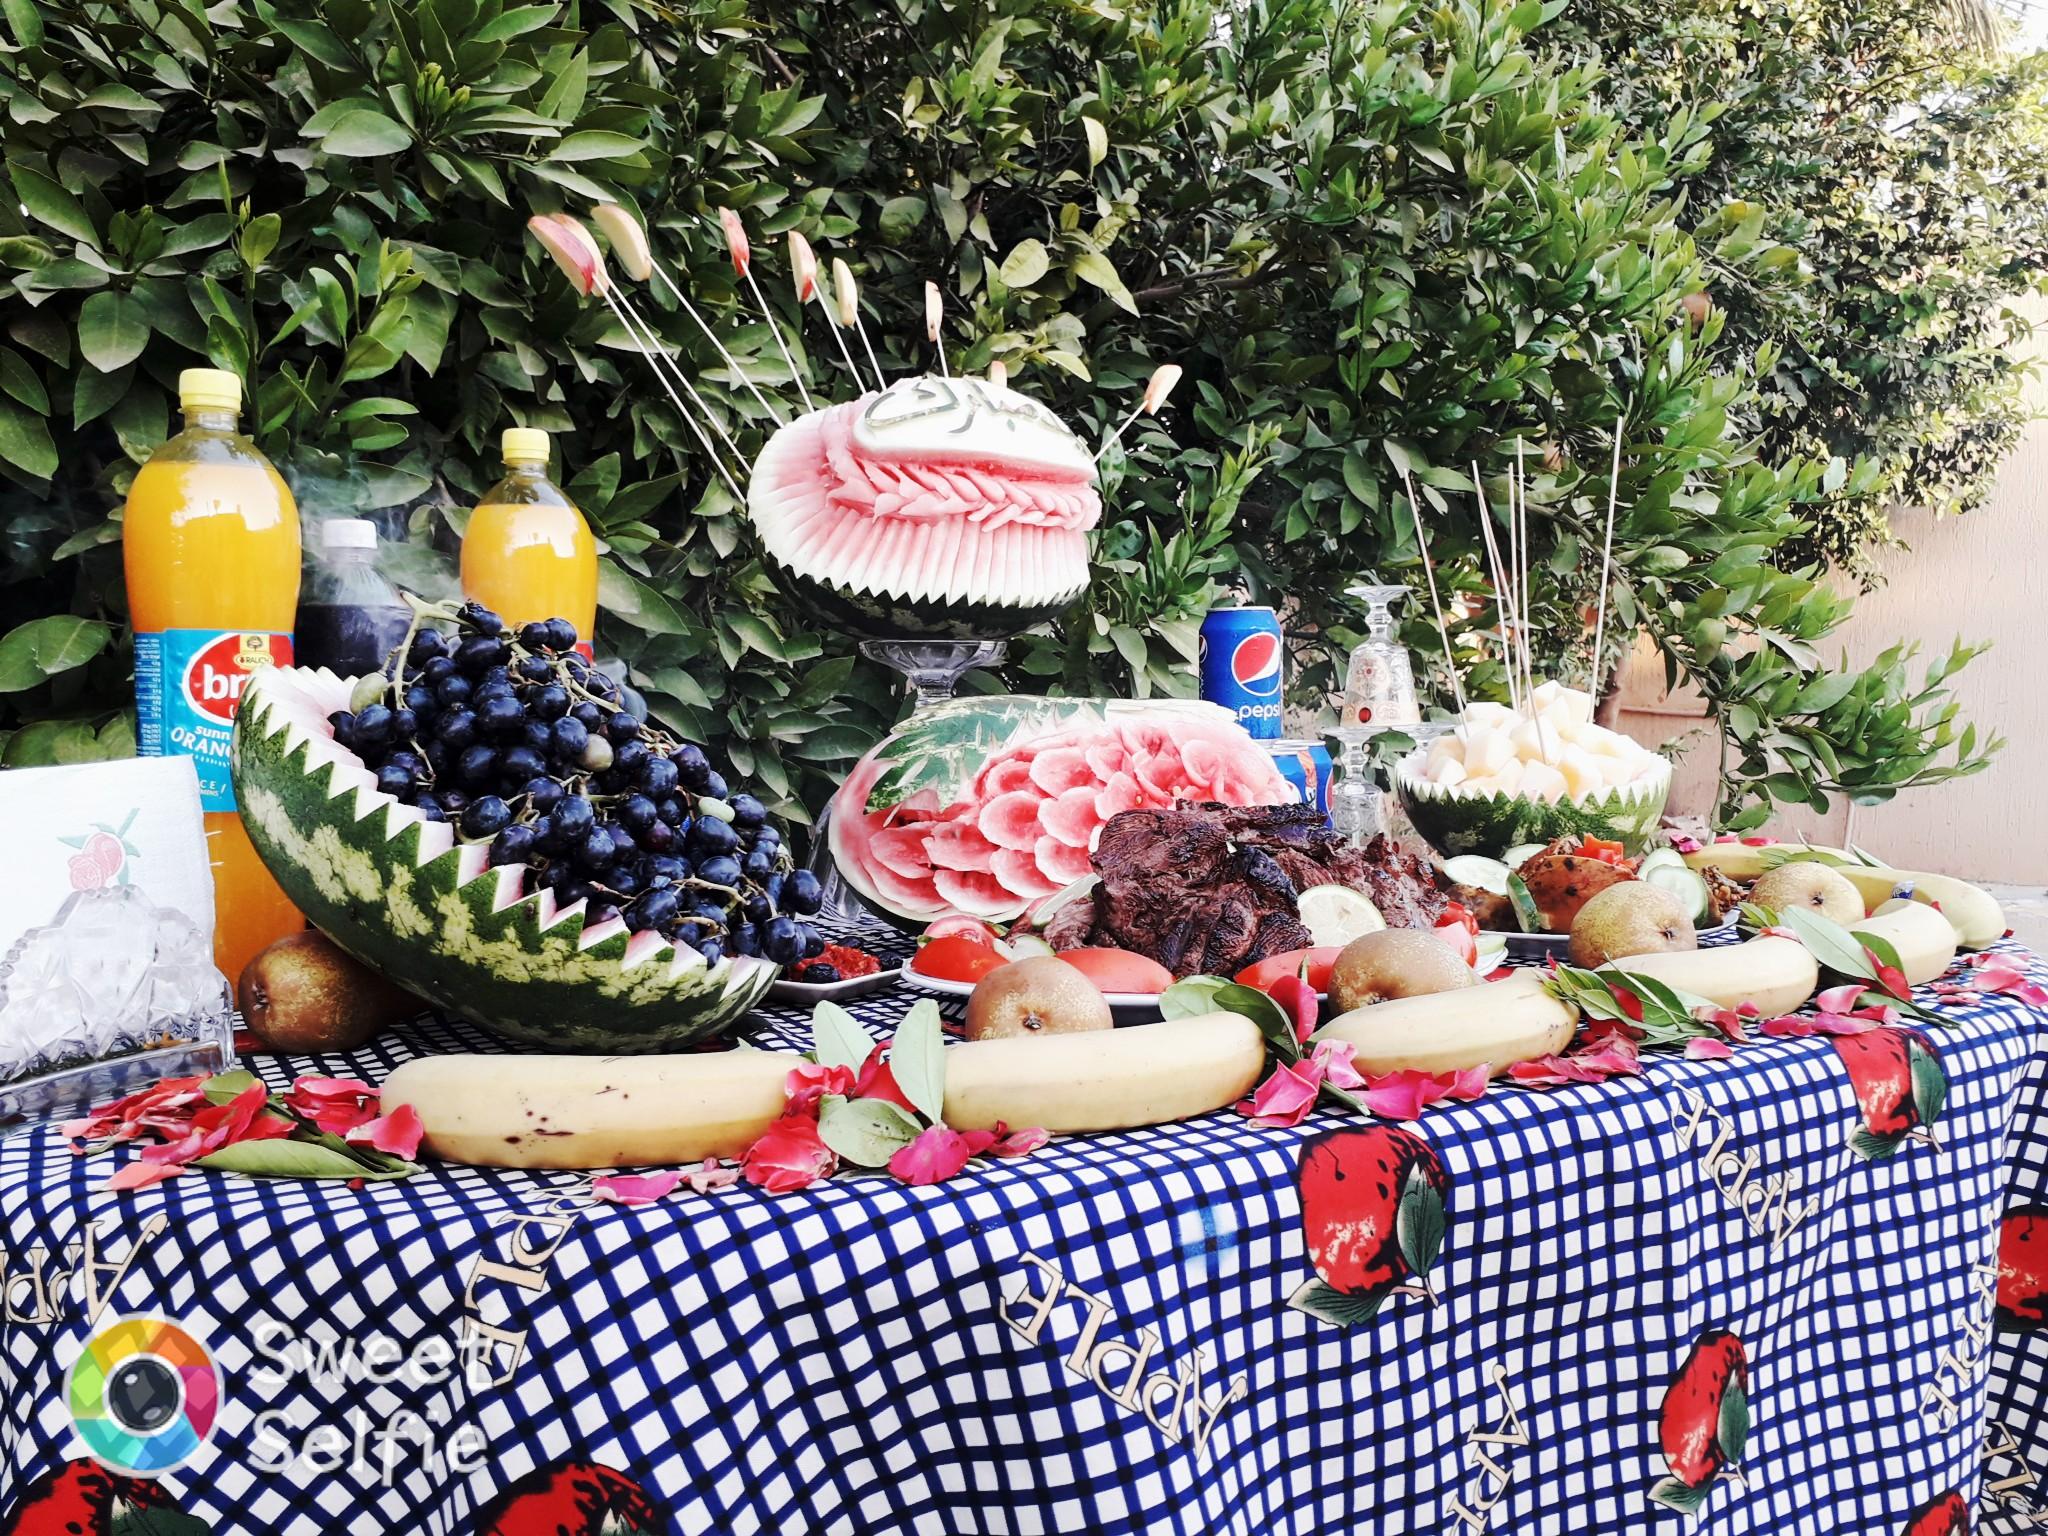 أجواء العيد العائلة المزرعة